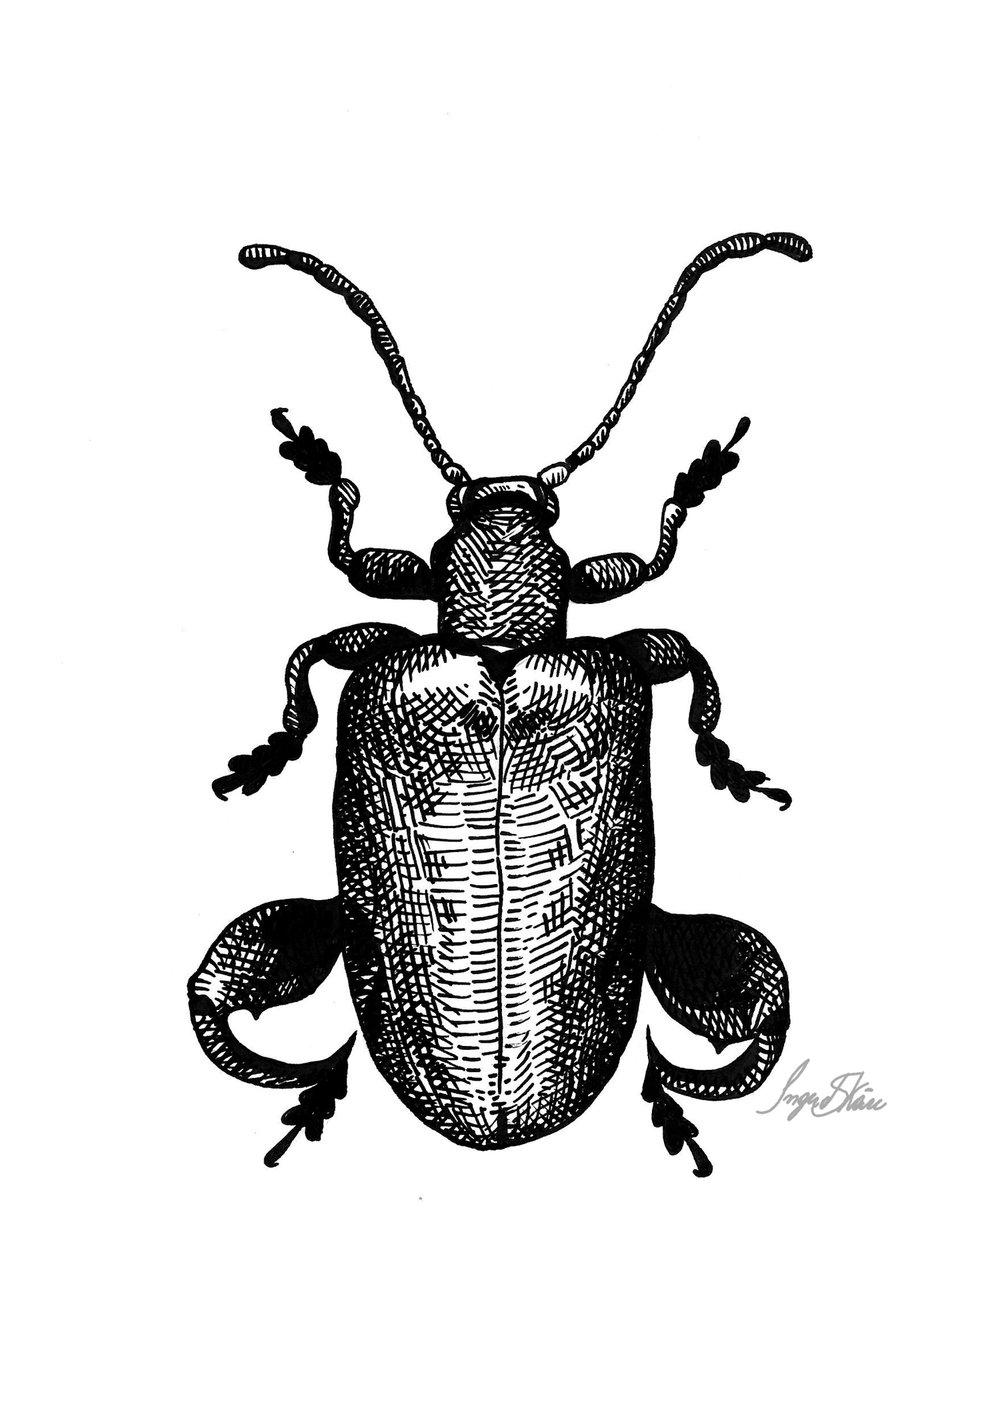 inktober-froglegbeetle-hatching.jpg